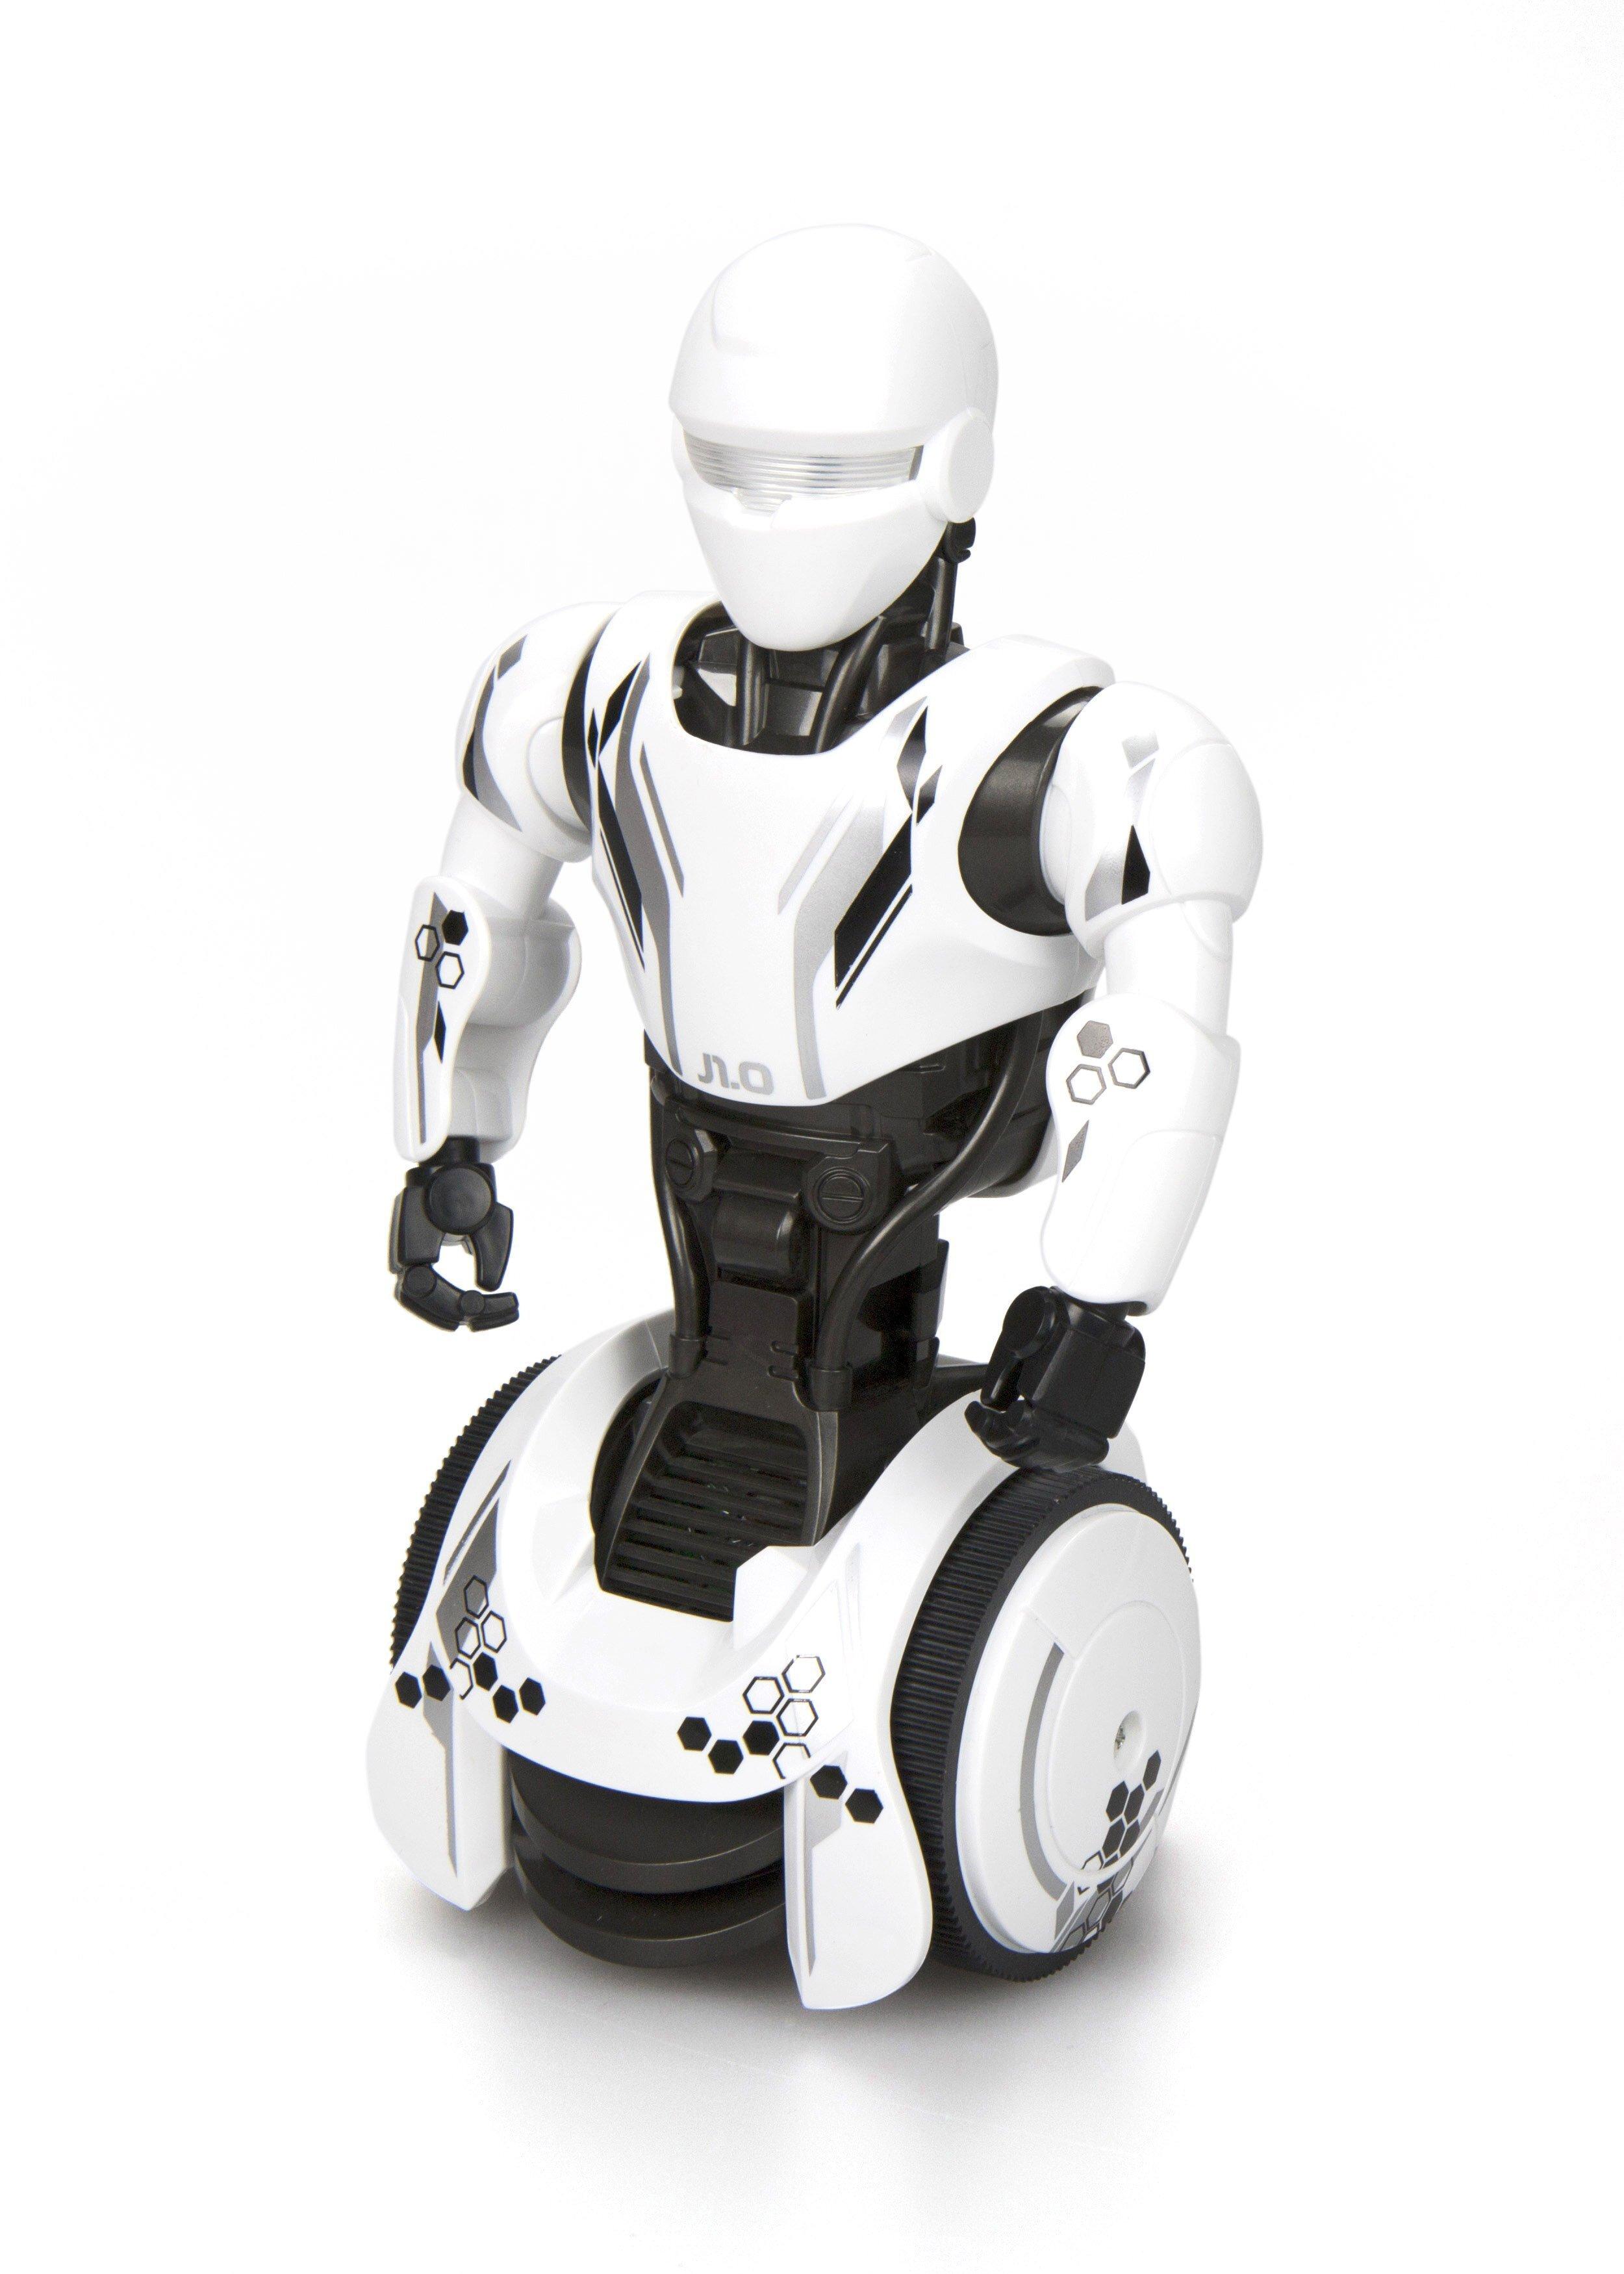 tirdzniecības robots pārvietojas